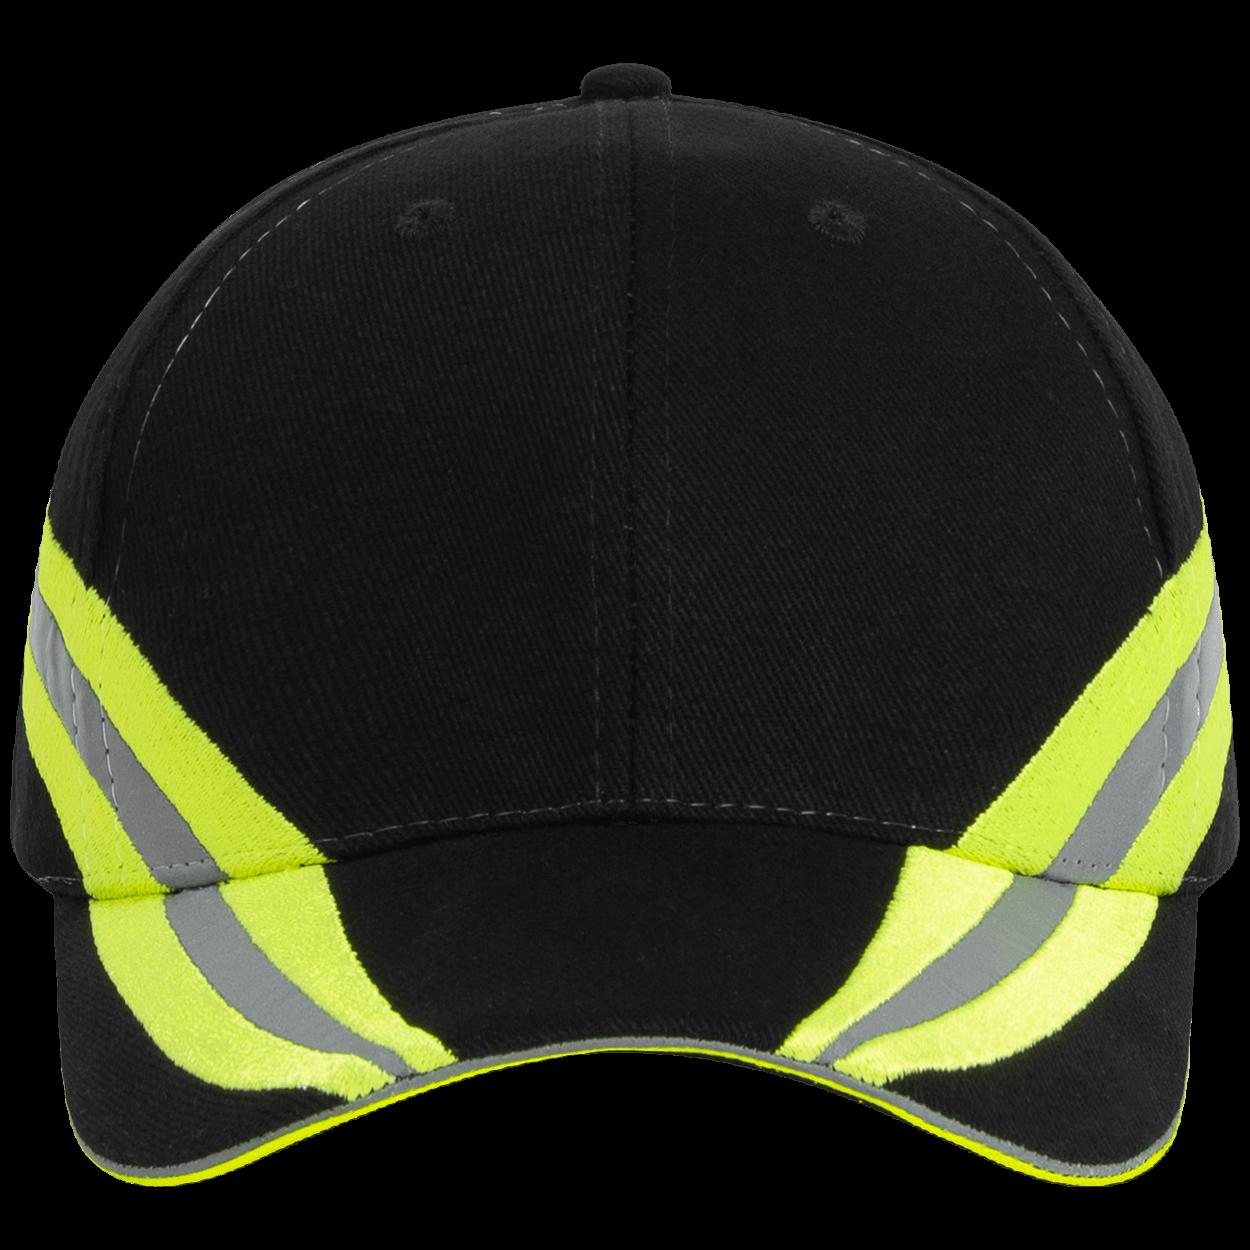 Feuerwehr Basecap Reflexstreifen Design - Farbe schwarz